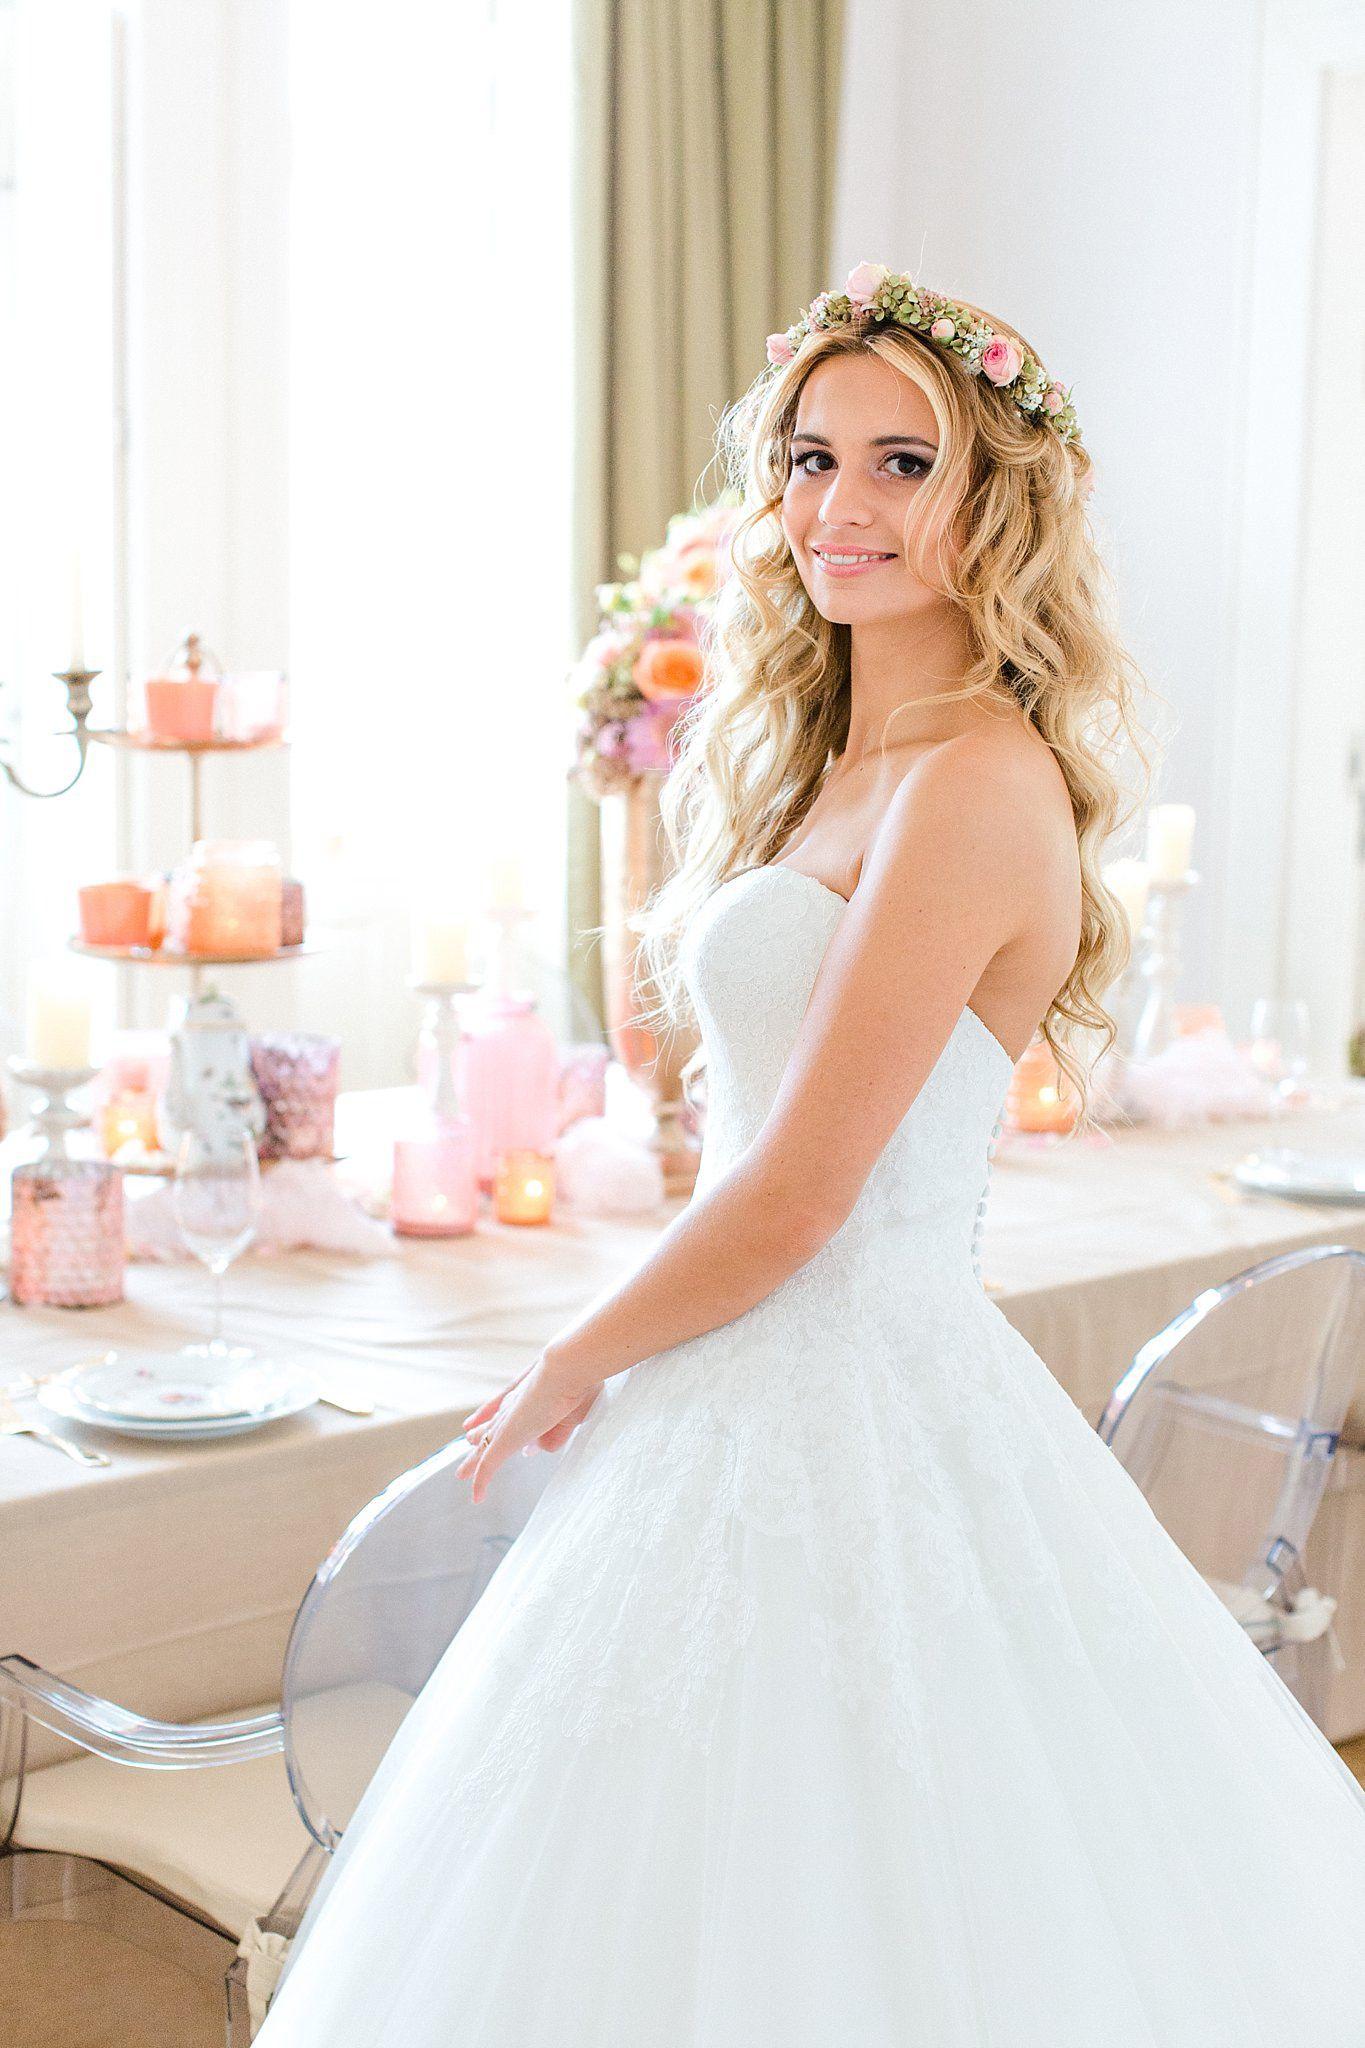 Eine wunderschne Braut mit sem Blumenkranz im Haar ein